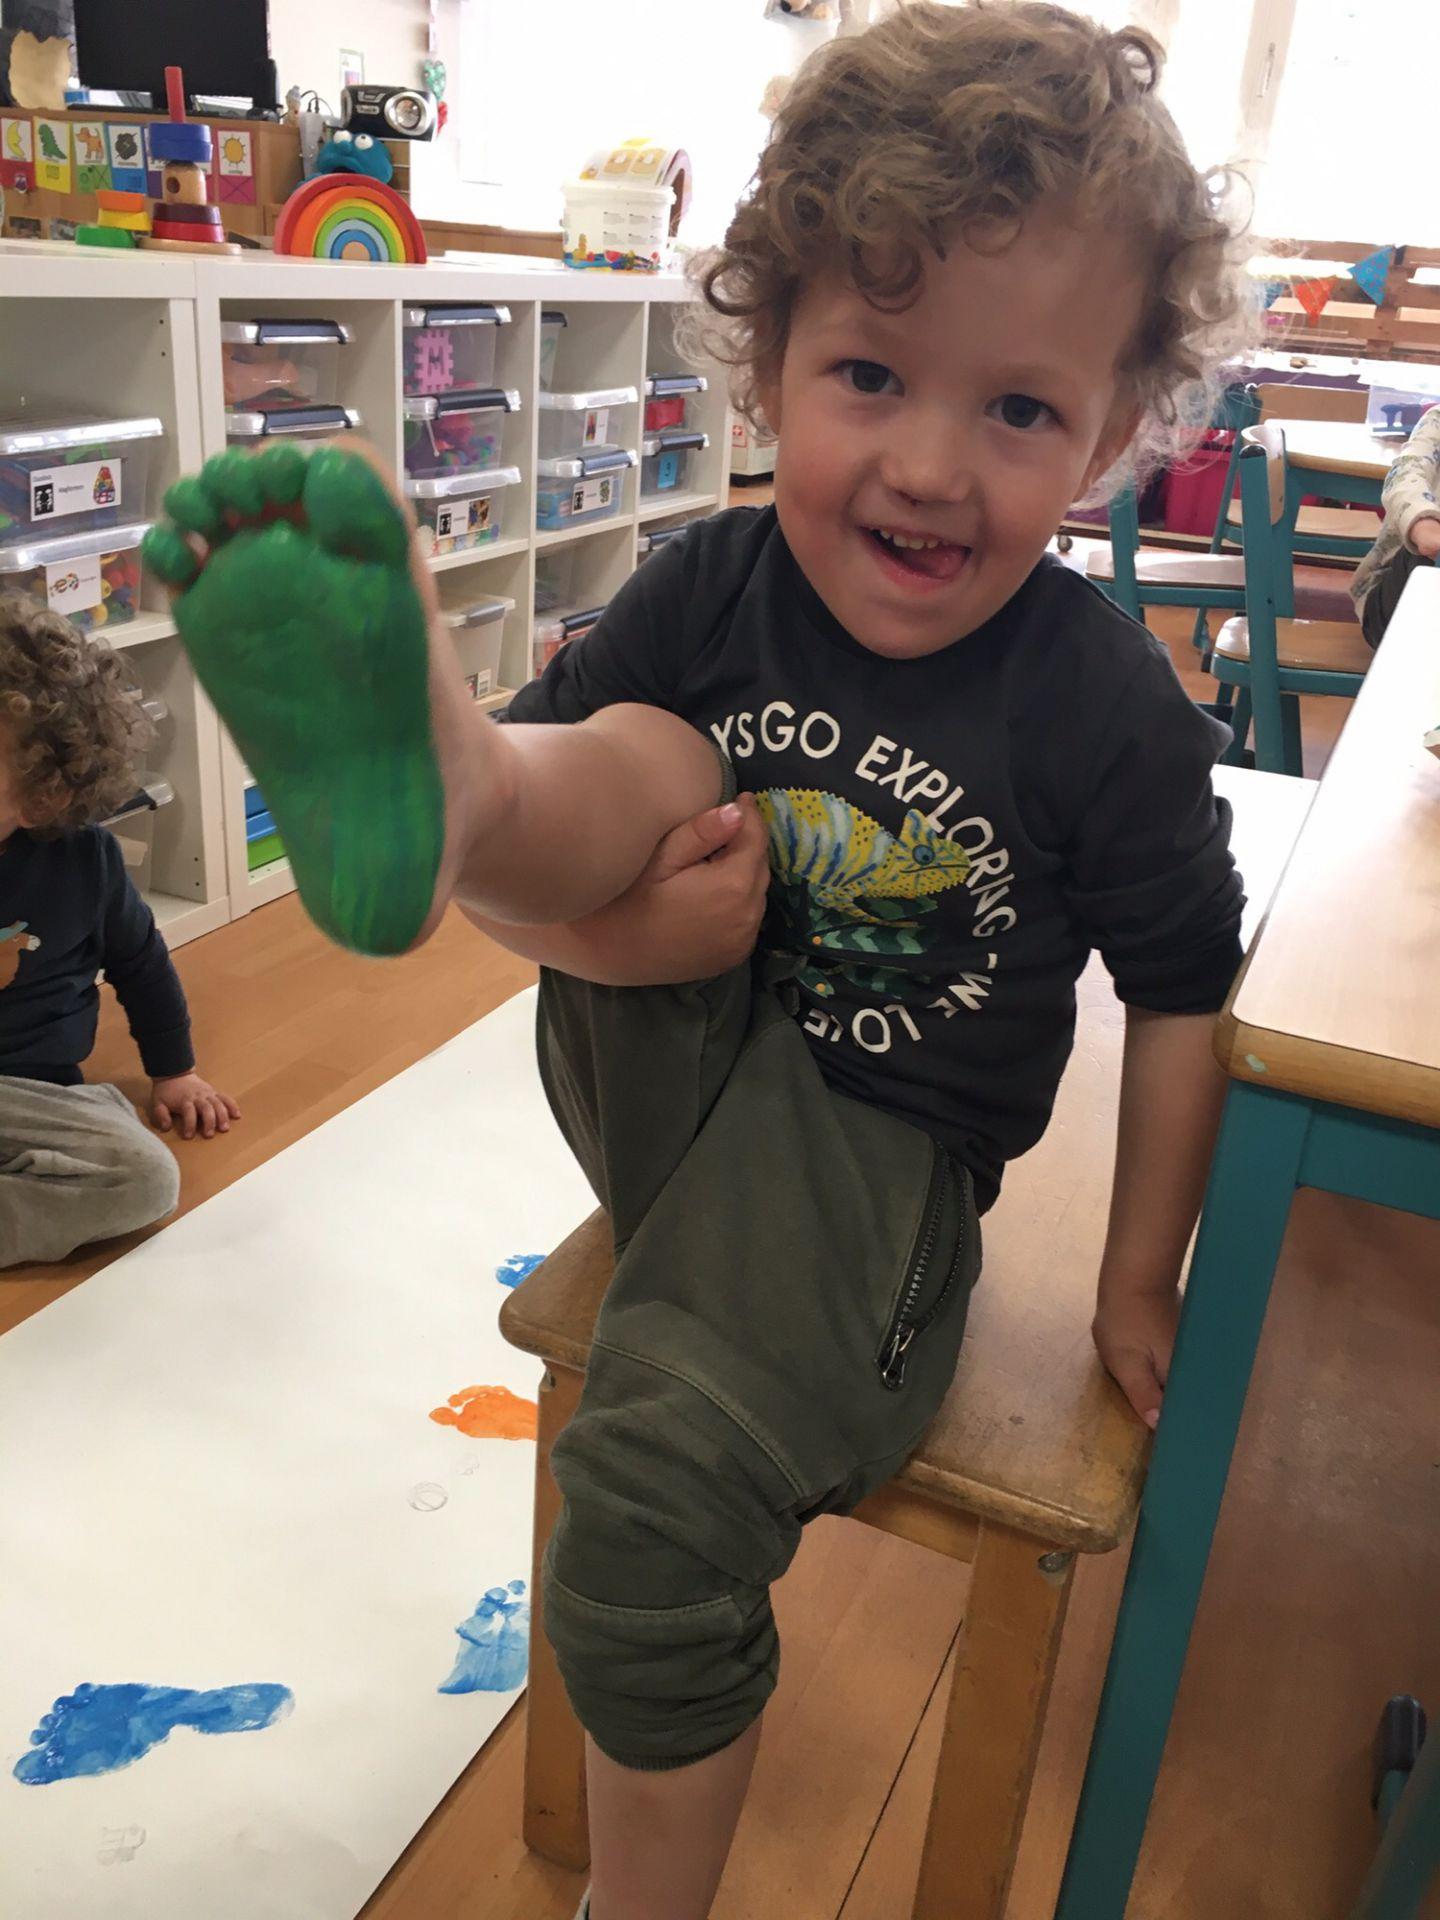 De uiltjesklas – ontdekkend leren